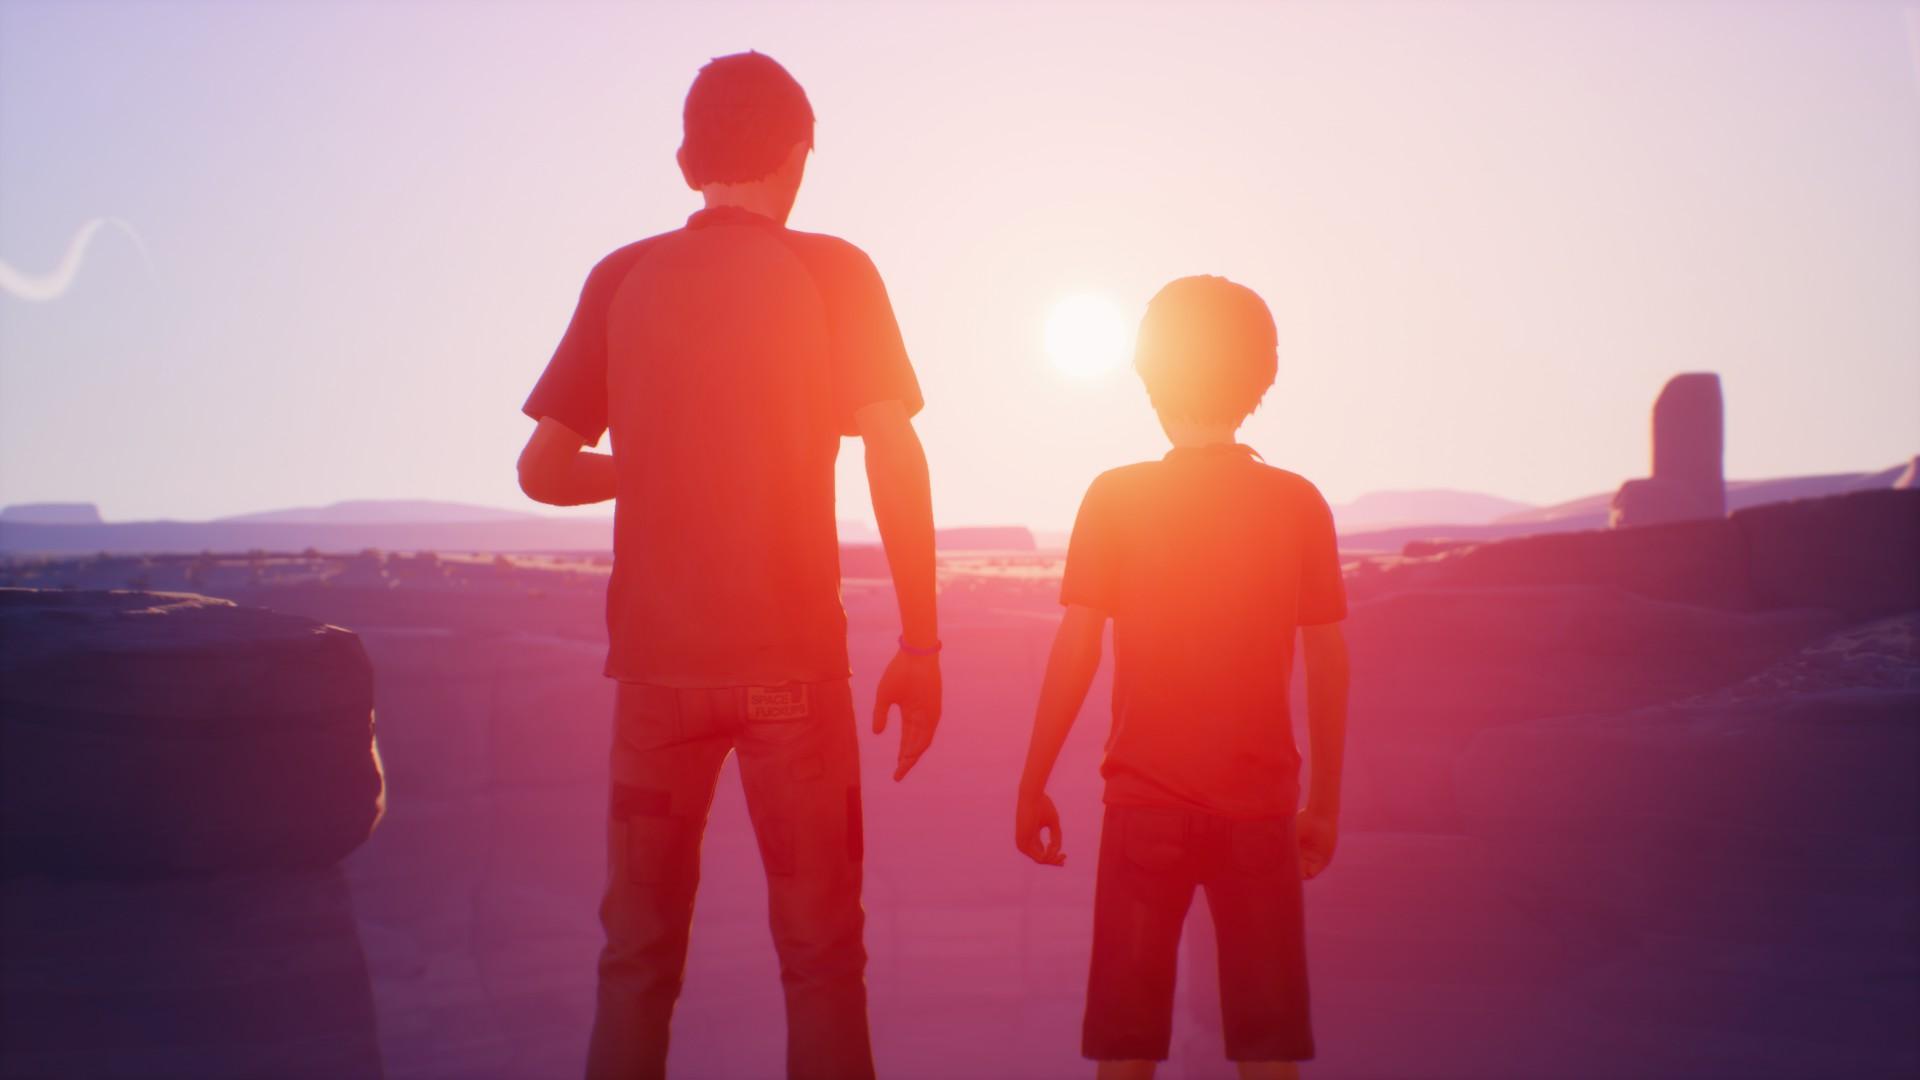 Sean et Daniel devant un canyon